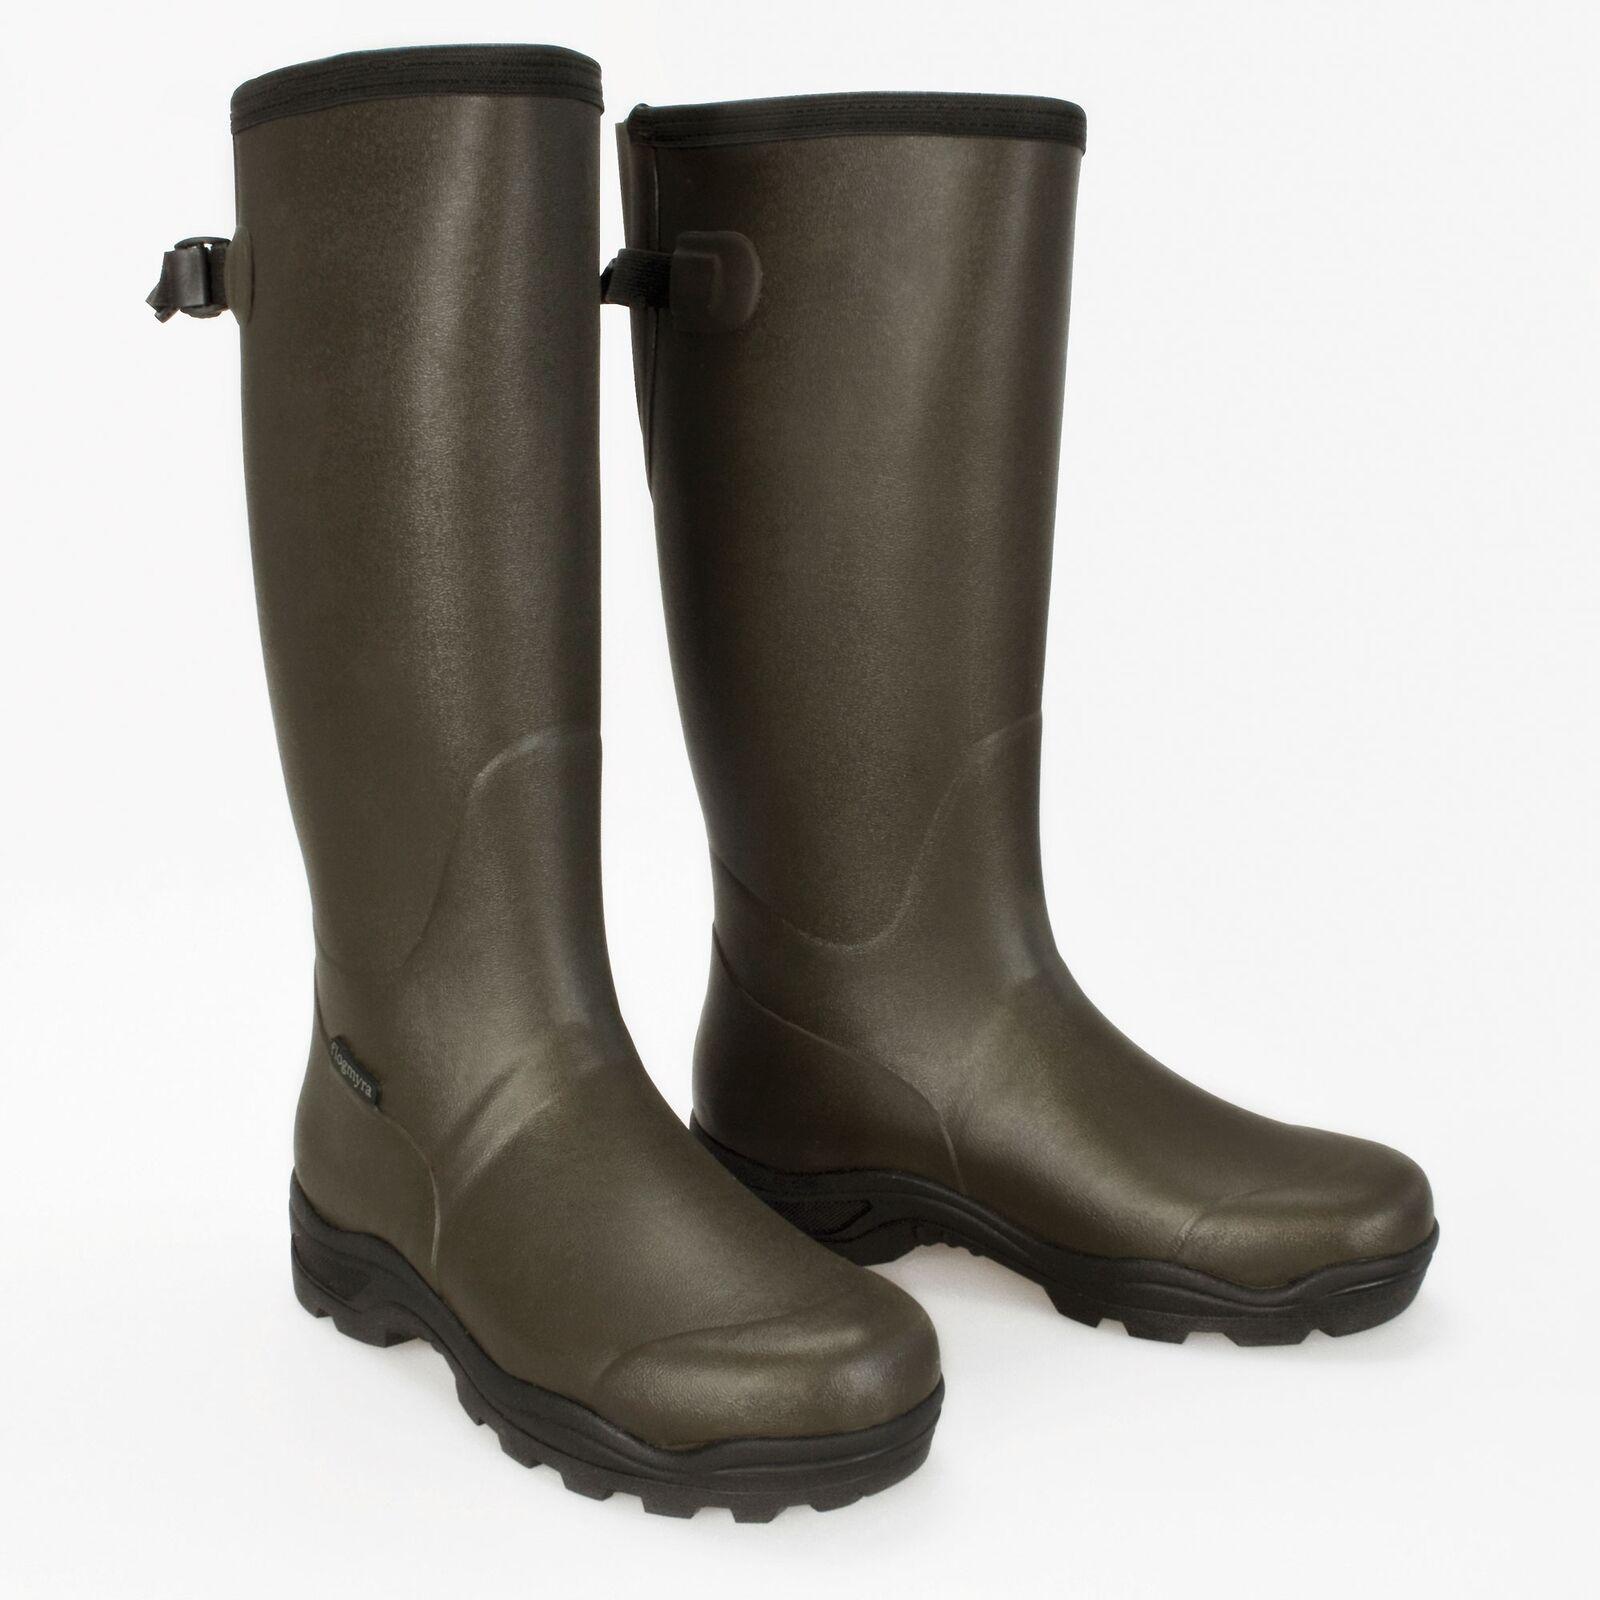 Bombardiere Myra Stivali di Gomma Mis. 36-47 - Angel Stivali Stivali pioggia vero Stivali di gomma